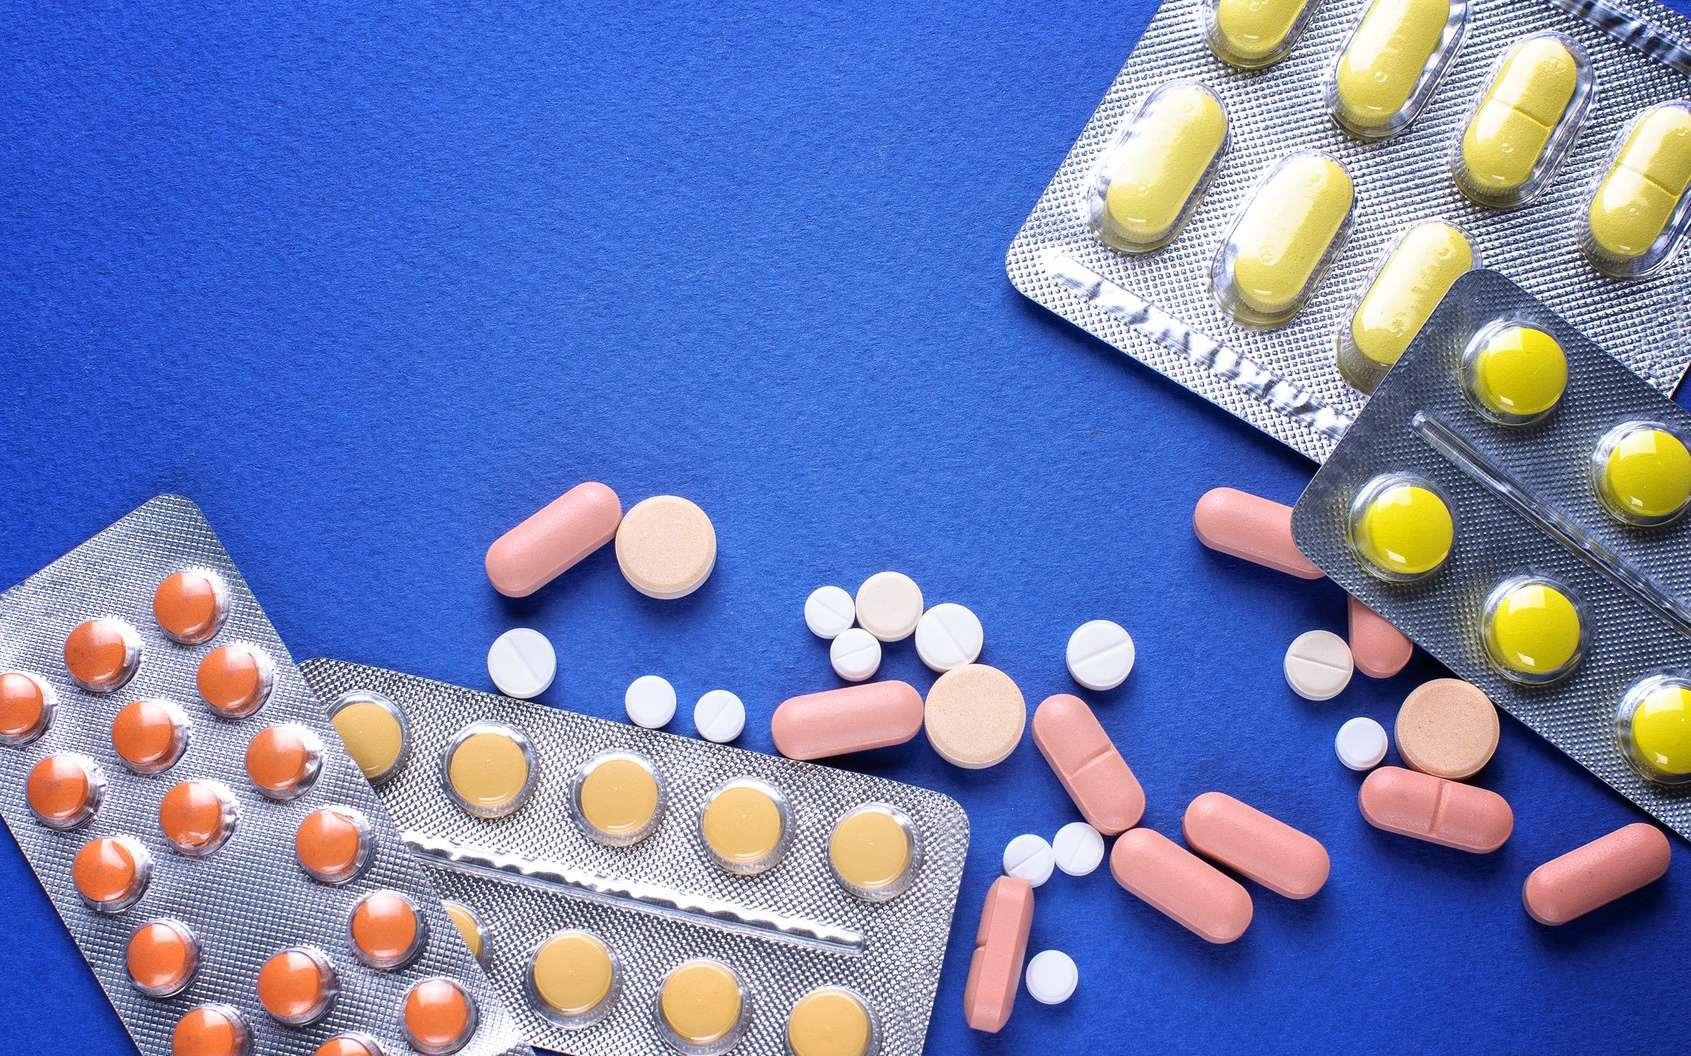 L'usage des antibiotiques favorise les infections à Clostridium difficile : c'est la « diarrhée des antibiotiques ». © VlaDee, Fotolia